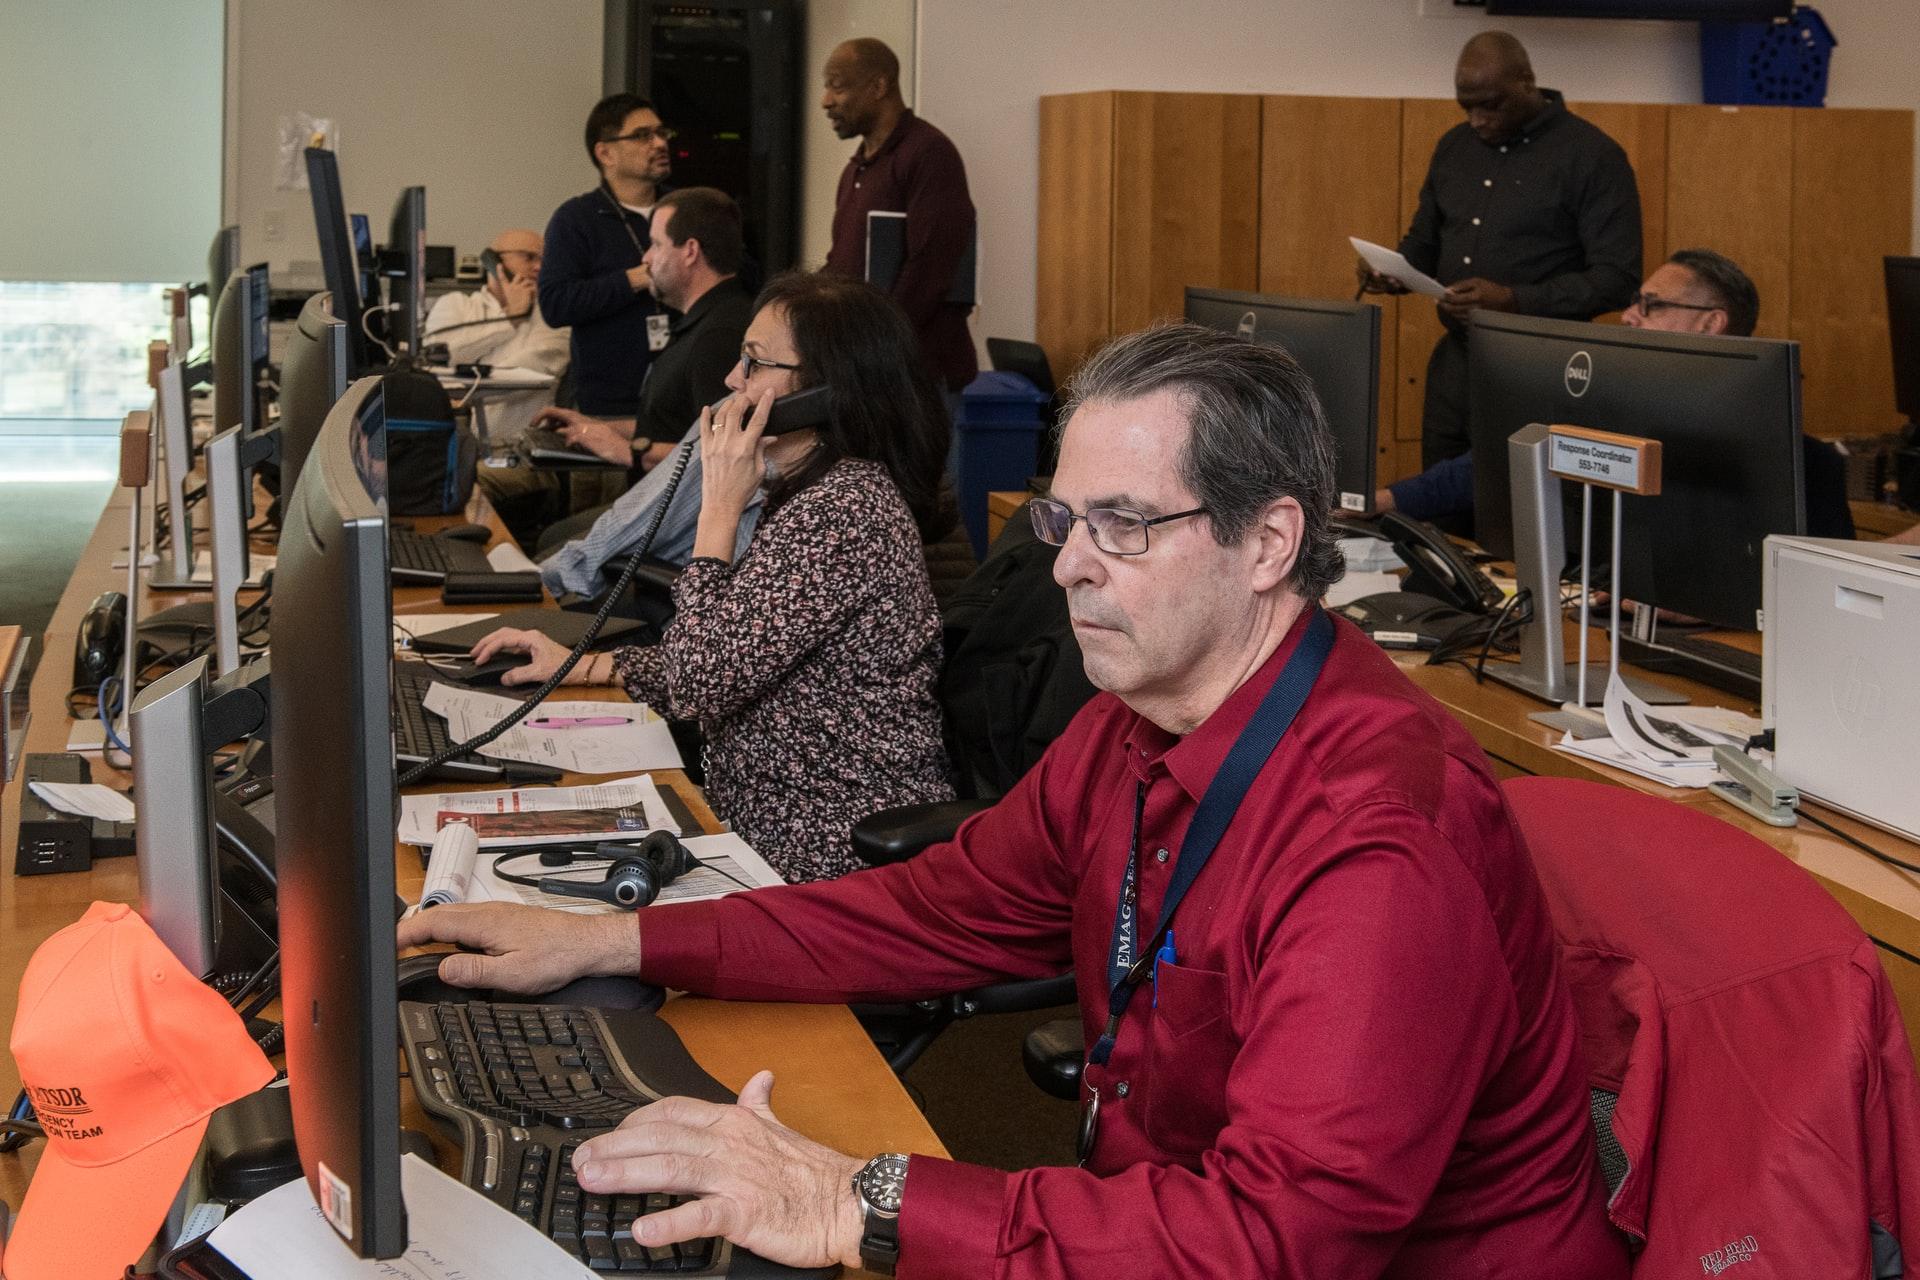 people working in public office